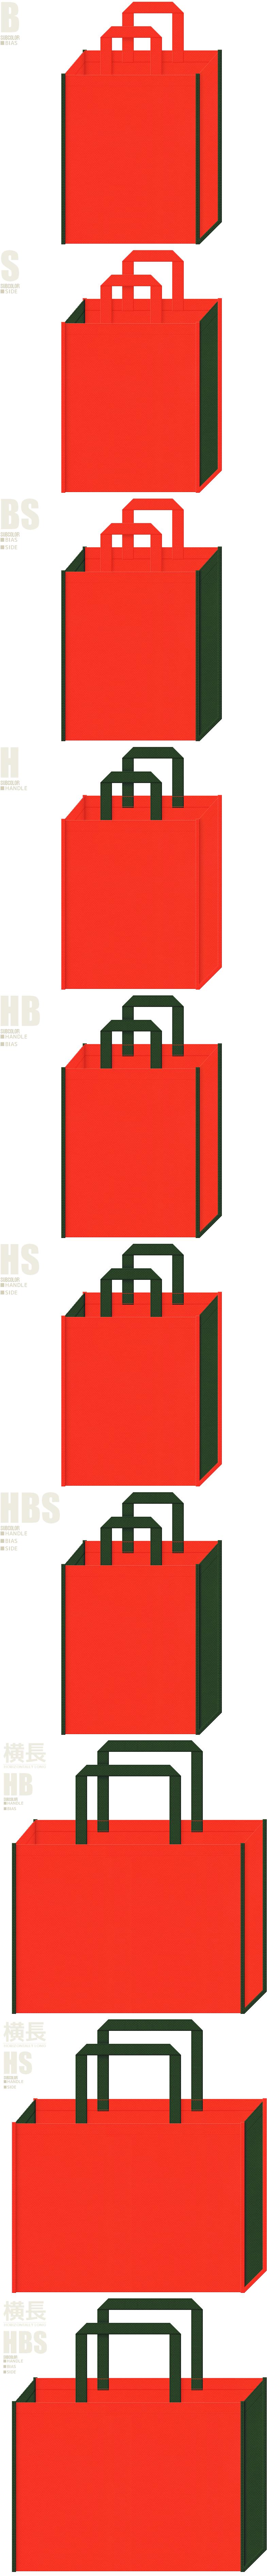 オレンジ色と濃緑色-不織布バッグの2色配色デザイン例-ハロウィンイベントにお奨めです。かぼちゃ・にんじん・柿のイメージ。